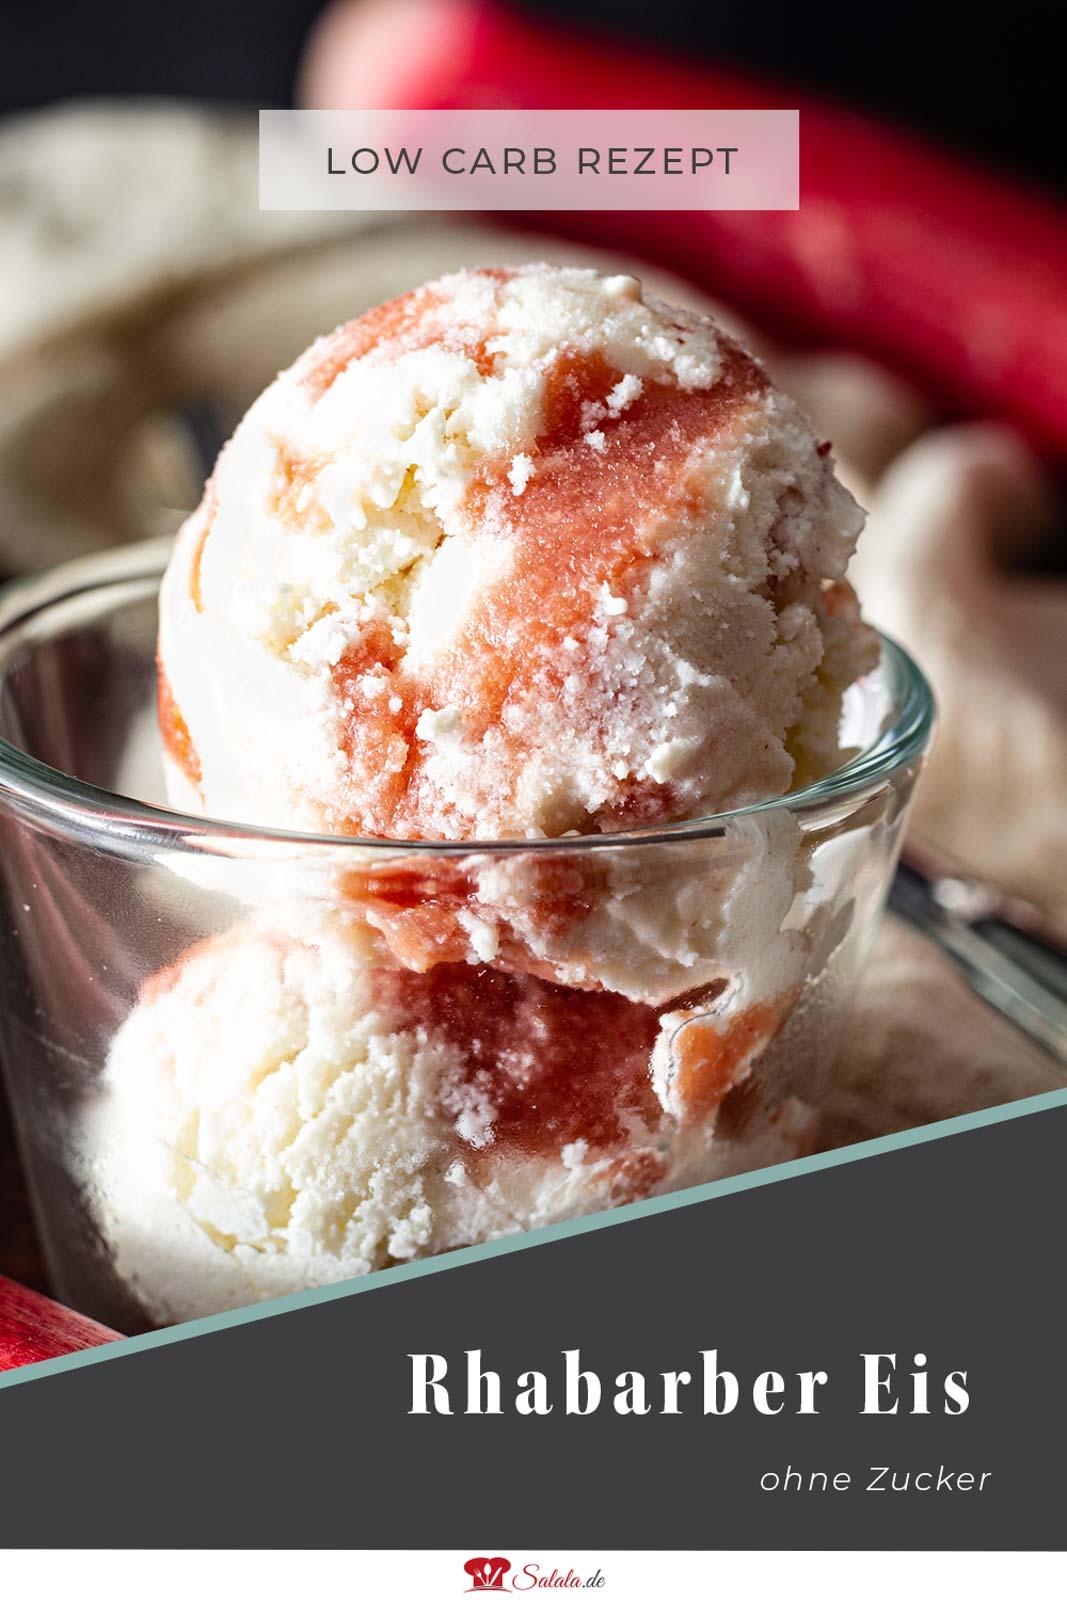 Hast du schon mal aus Rhabarber ein Eis gemacht? Falls nein, dann mach. Falls doch, dann probier unser Rezept auch mal aus. Das ist nämlich zuckerfrei und voll Low Carb. Geht auch ganz schnell egal ob mit oder ohne Eismaschine. Und die Eiskugeln haben hinterher auch so schöne Streifen :). #lowcarbeis #lowcarbeisrezept #eisohnezucker #zuckerfrei #rhabarbereis #eisohneeismaschine #eismiteismaschine #ketoeis #eisselbermachen